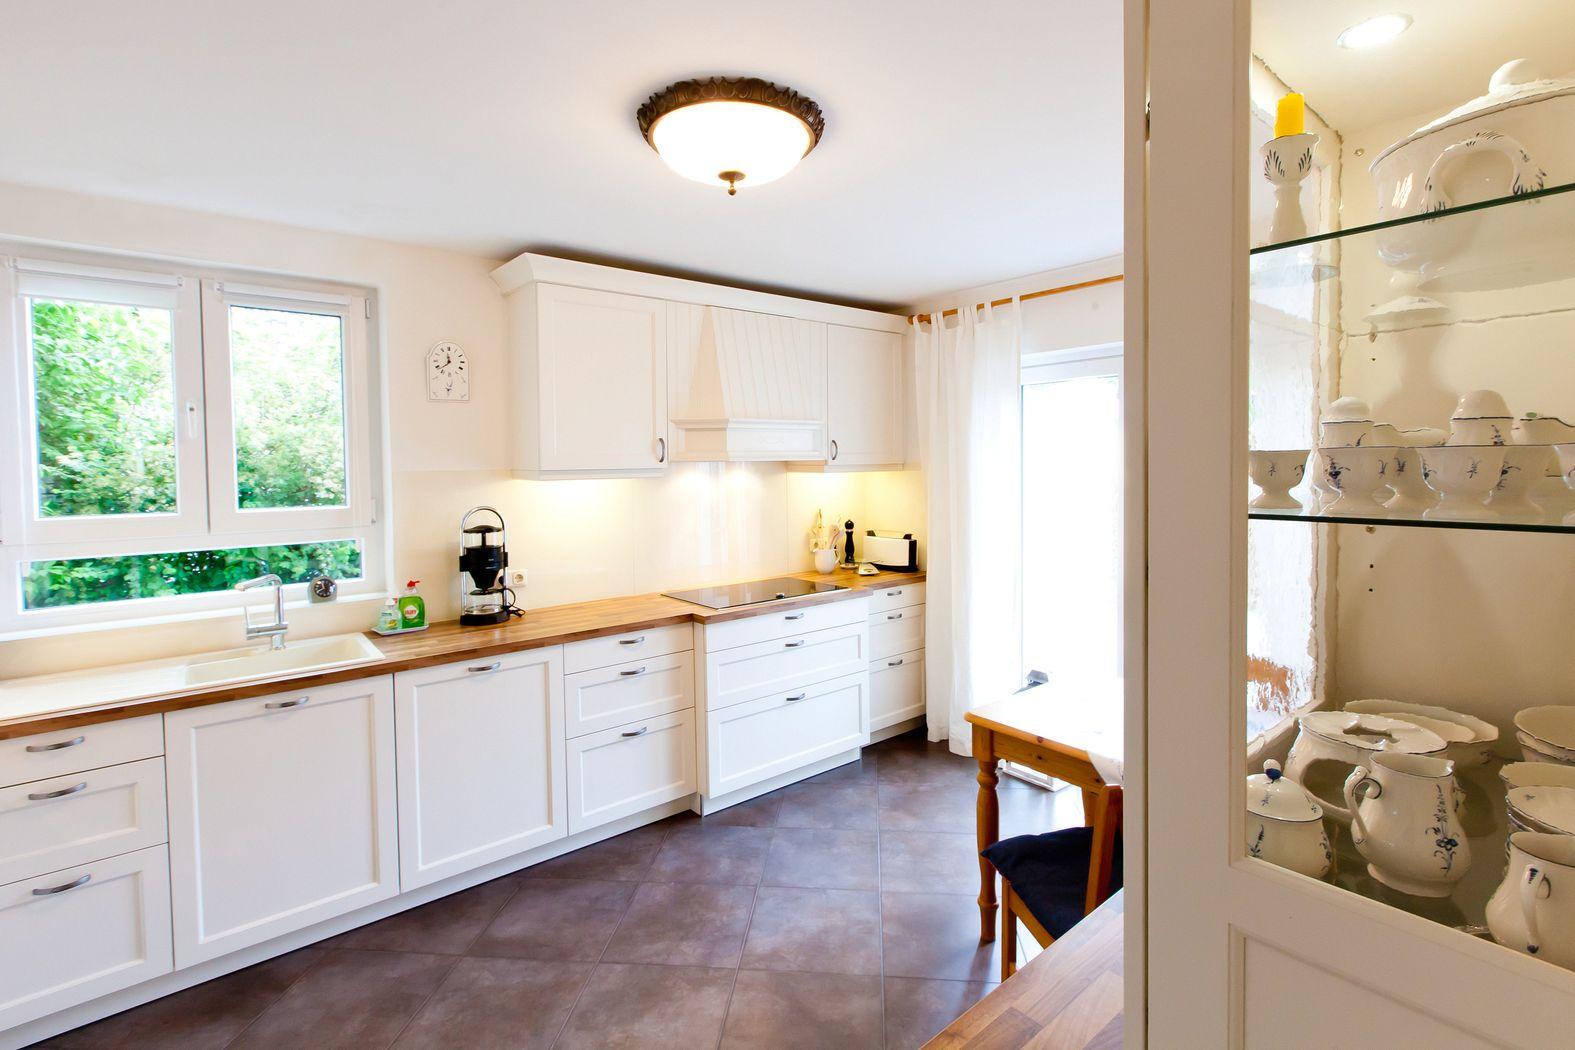 sch ne wandregal k che landhaus fotos erindzain. Black Bedroom Furniture Sets. Home Design Ideas